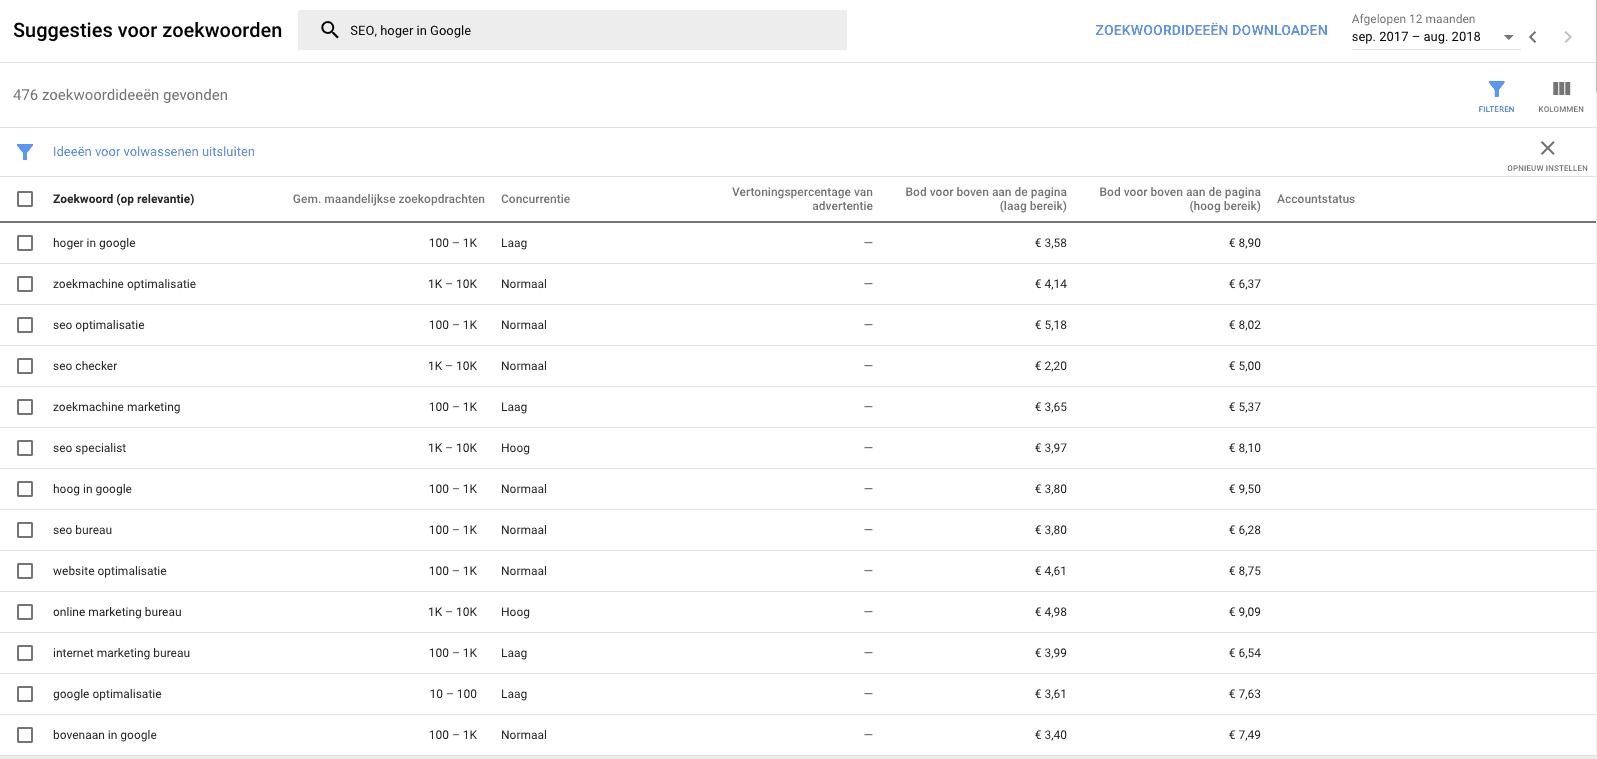 Zoekwoordideeen zoekwoordplanner